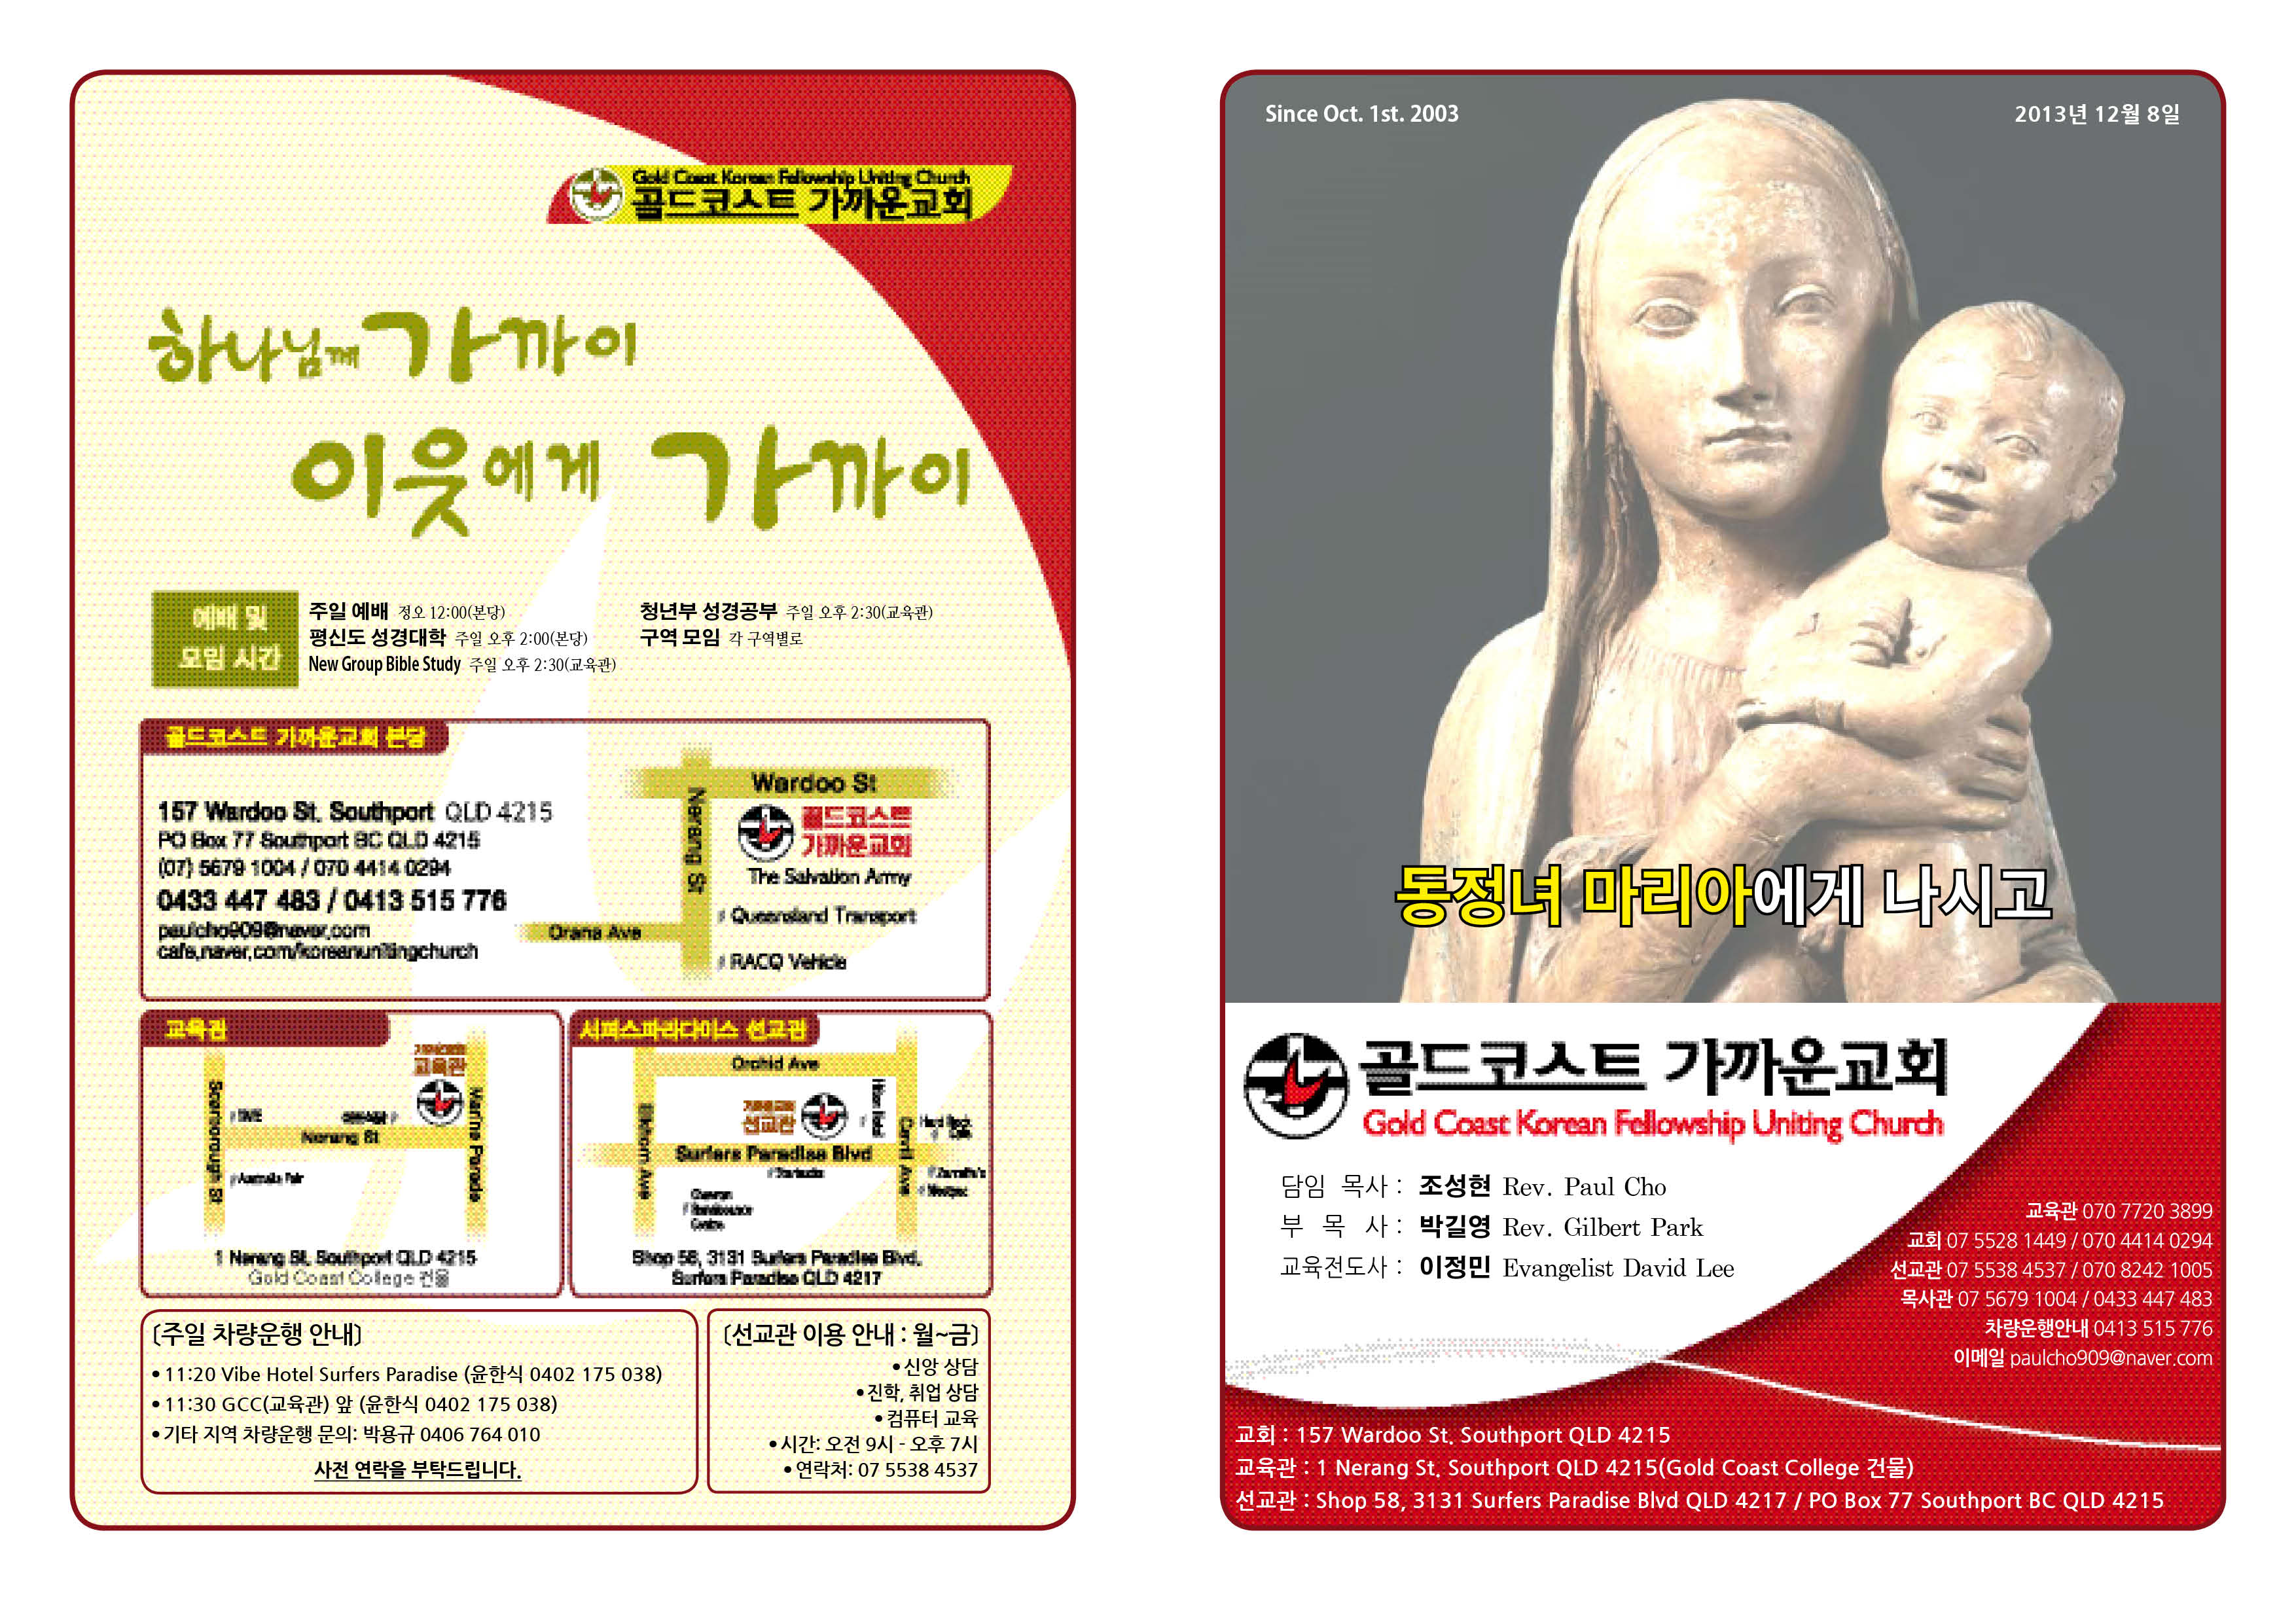 2013.12.08 주보(1차 수정).jpg